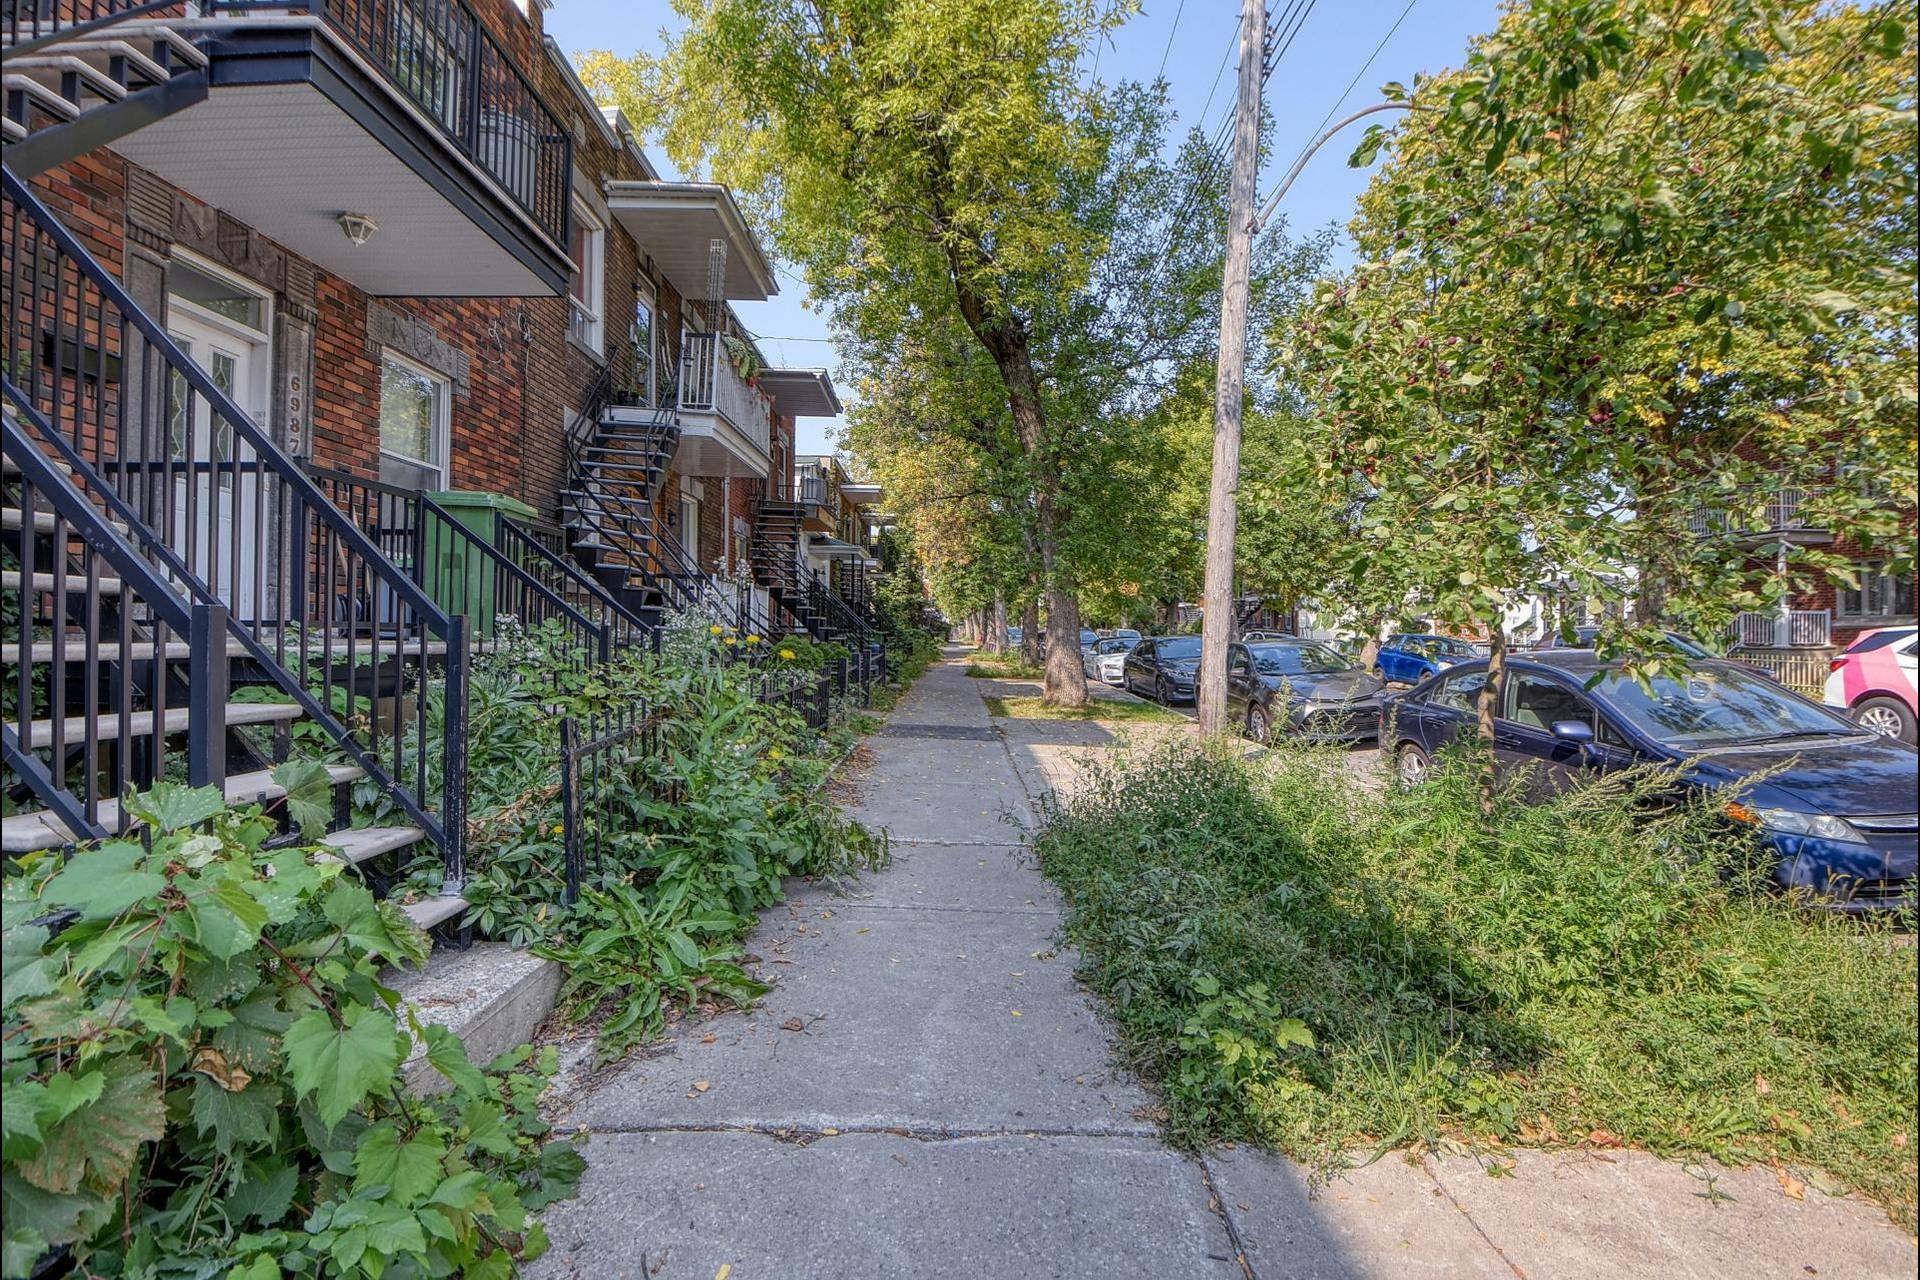 image 10 - Duplex À vendre Le Sud-Ouest Montréal  - 4 pièces